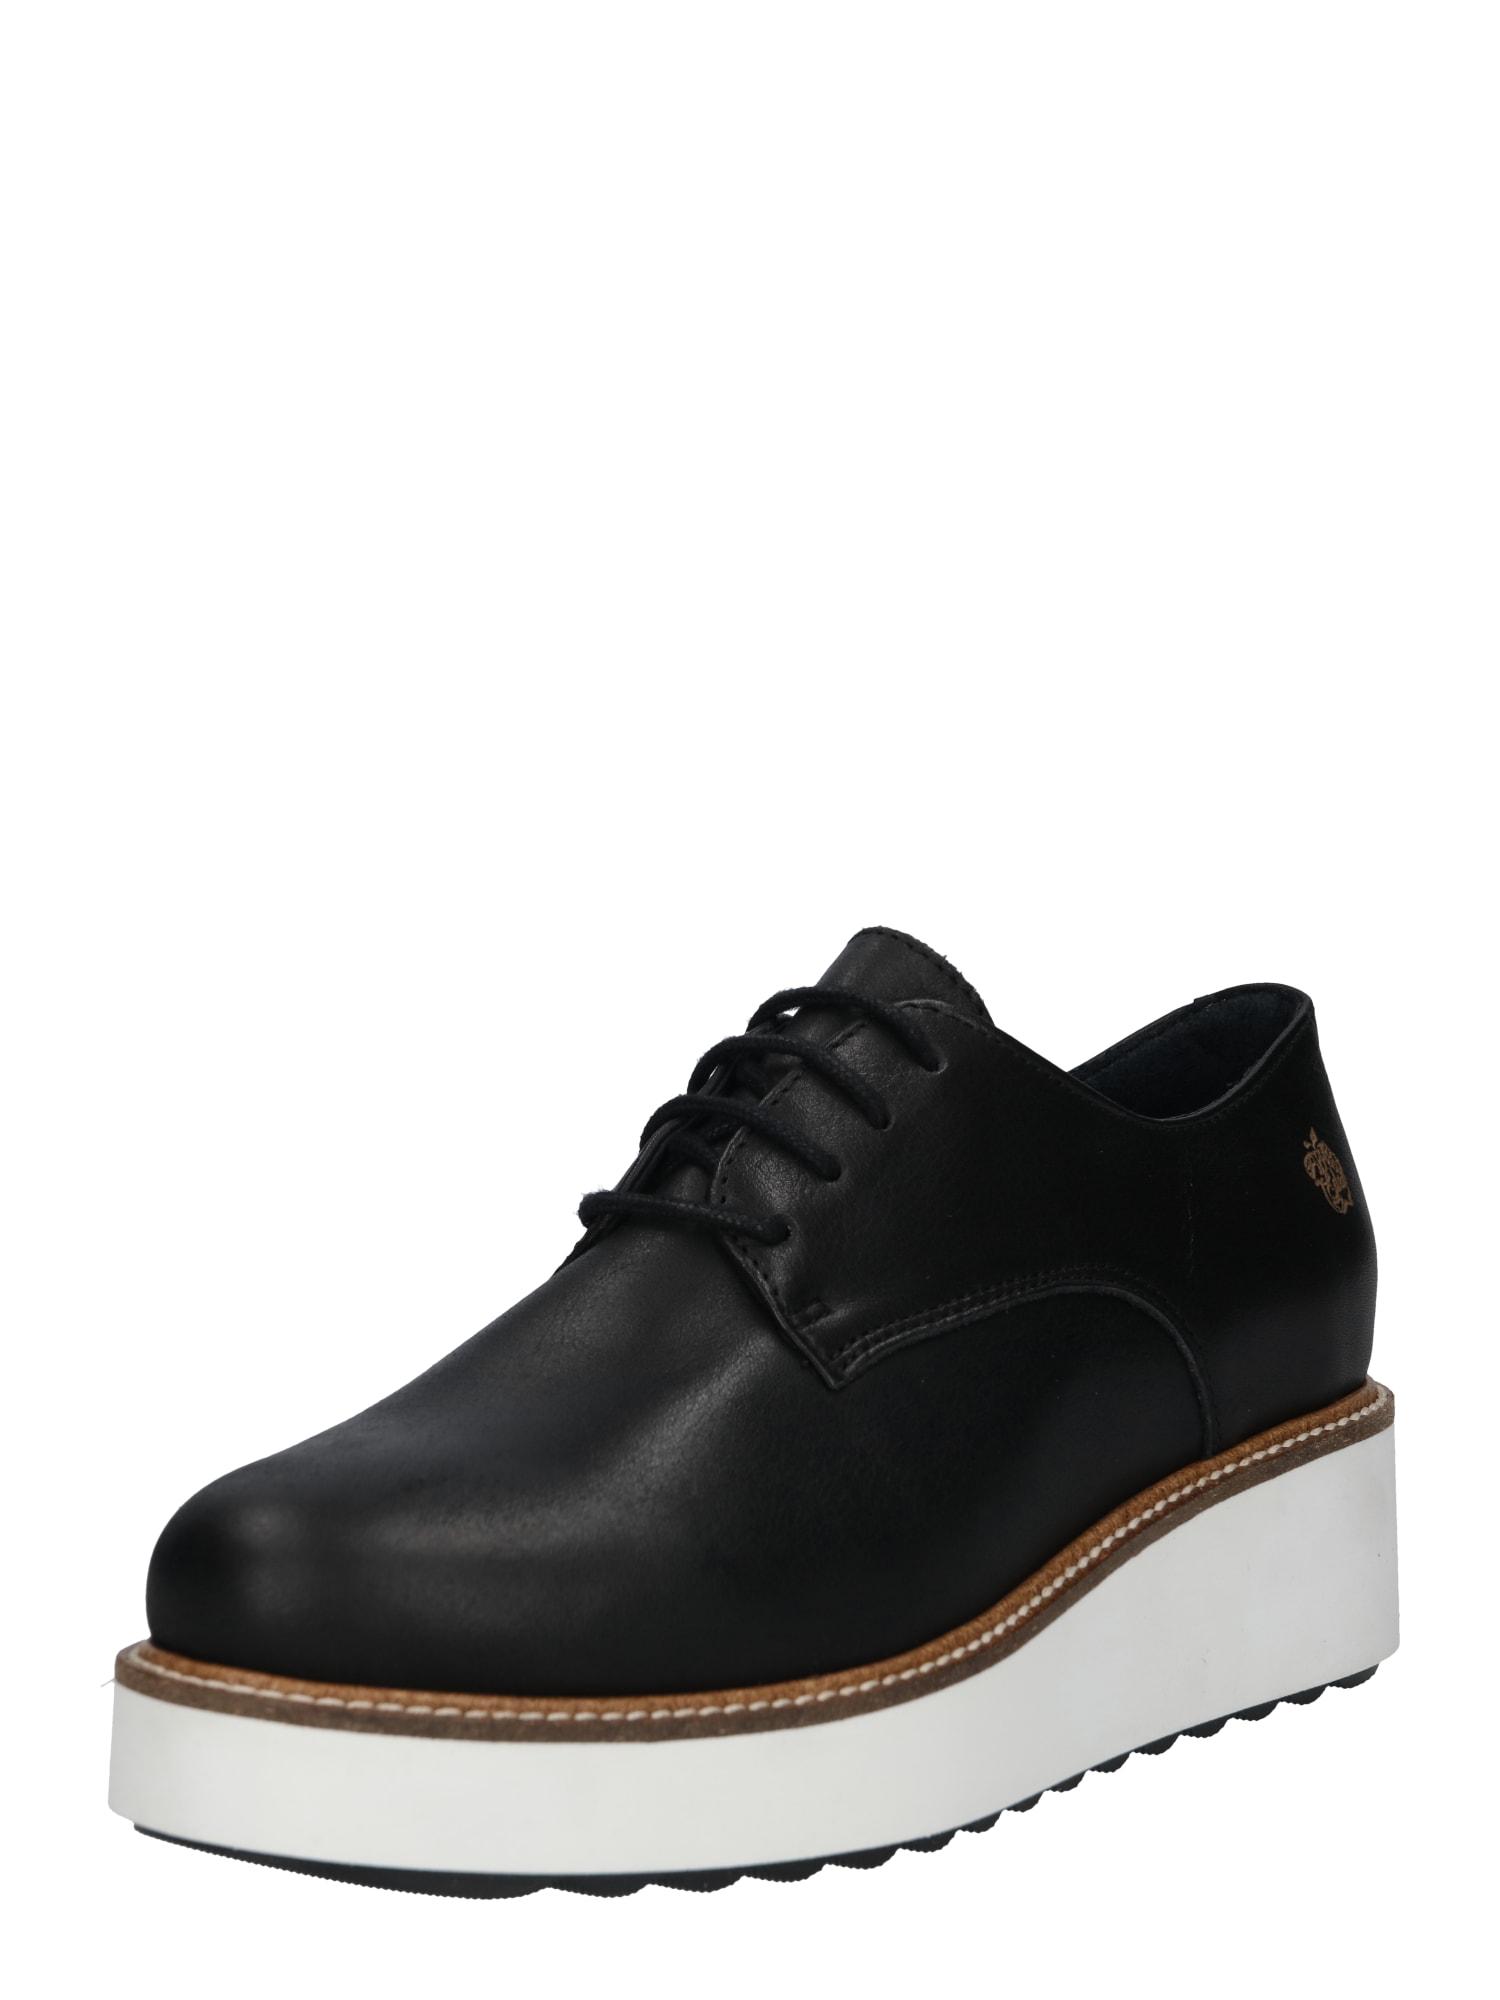 Šněrovací boty Camila černá Apple Of Eden